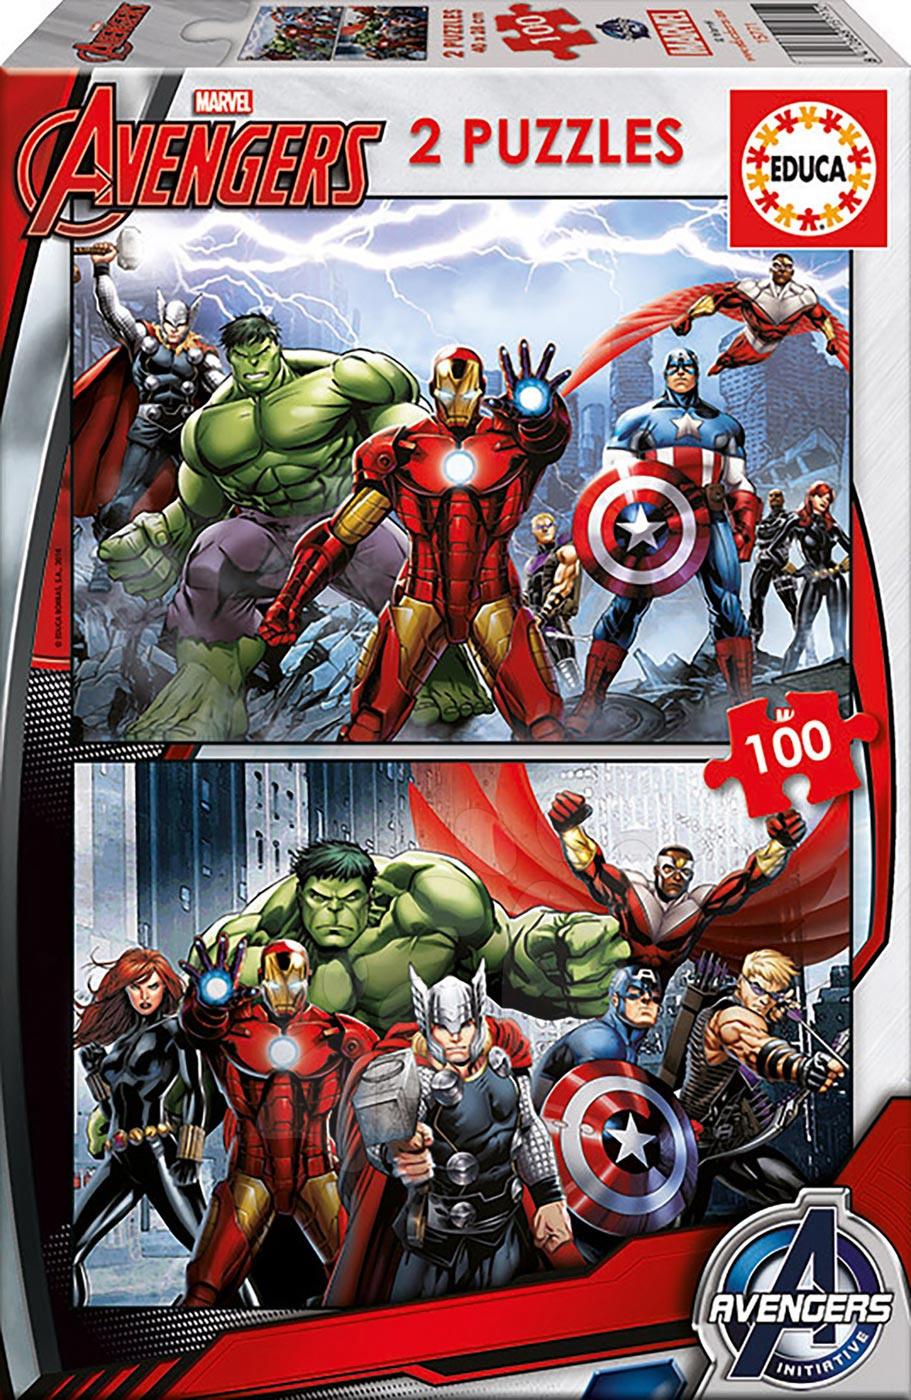 Dječje puzzle od 100 do 300 dijelova - Dječje puzzle Avengers Educa 2x100 dijelova od 5 godina